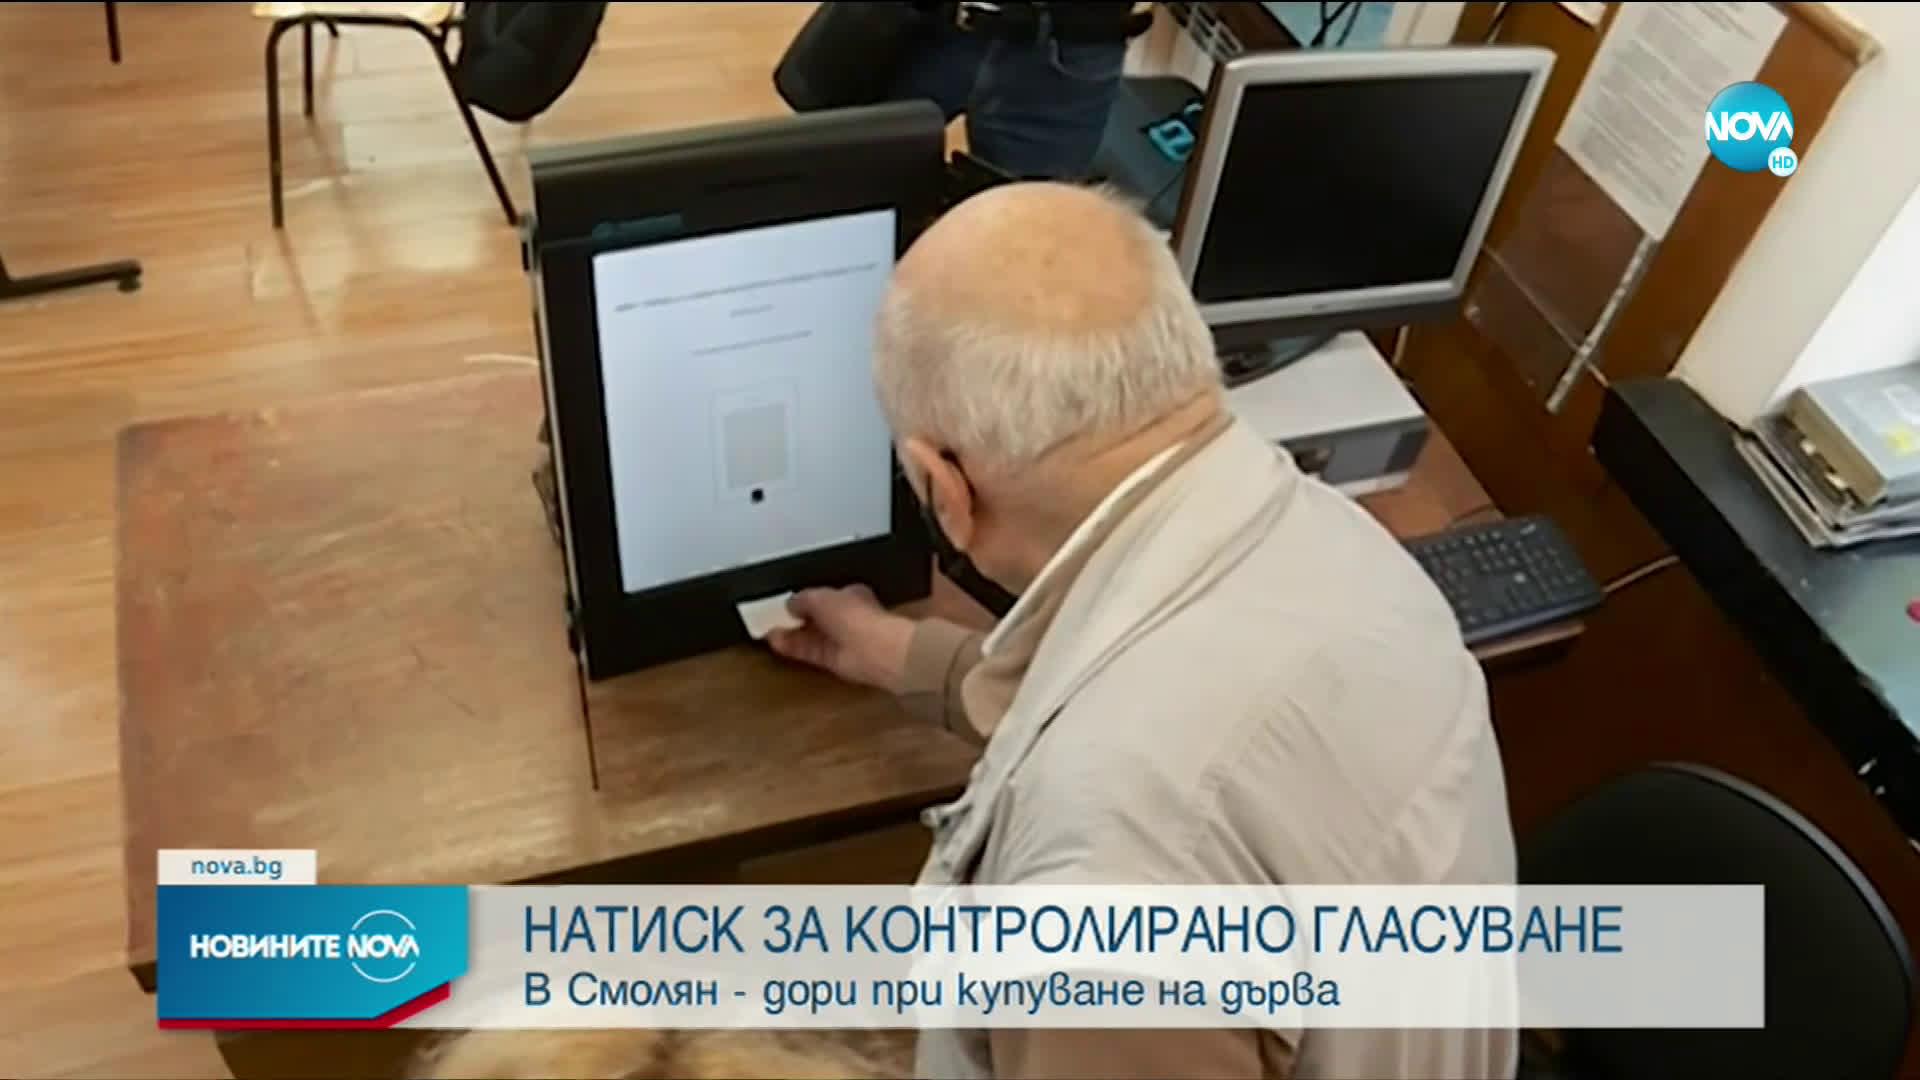 Рашков: Върху избиратели се оказва безпрецедентен натиск